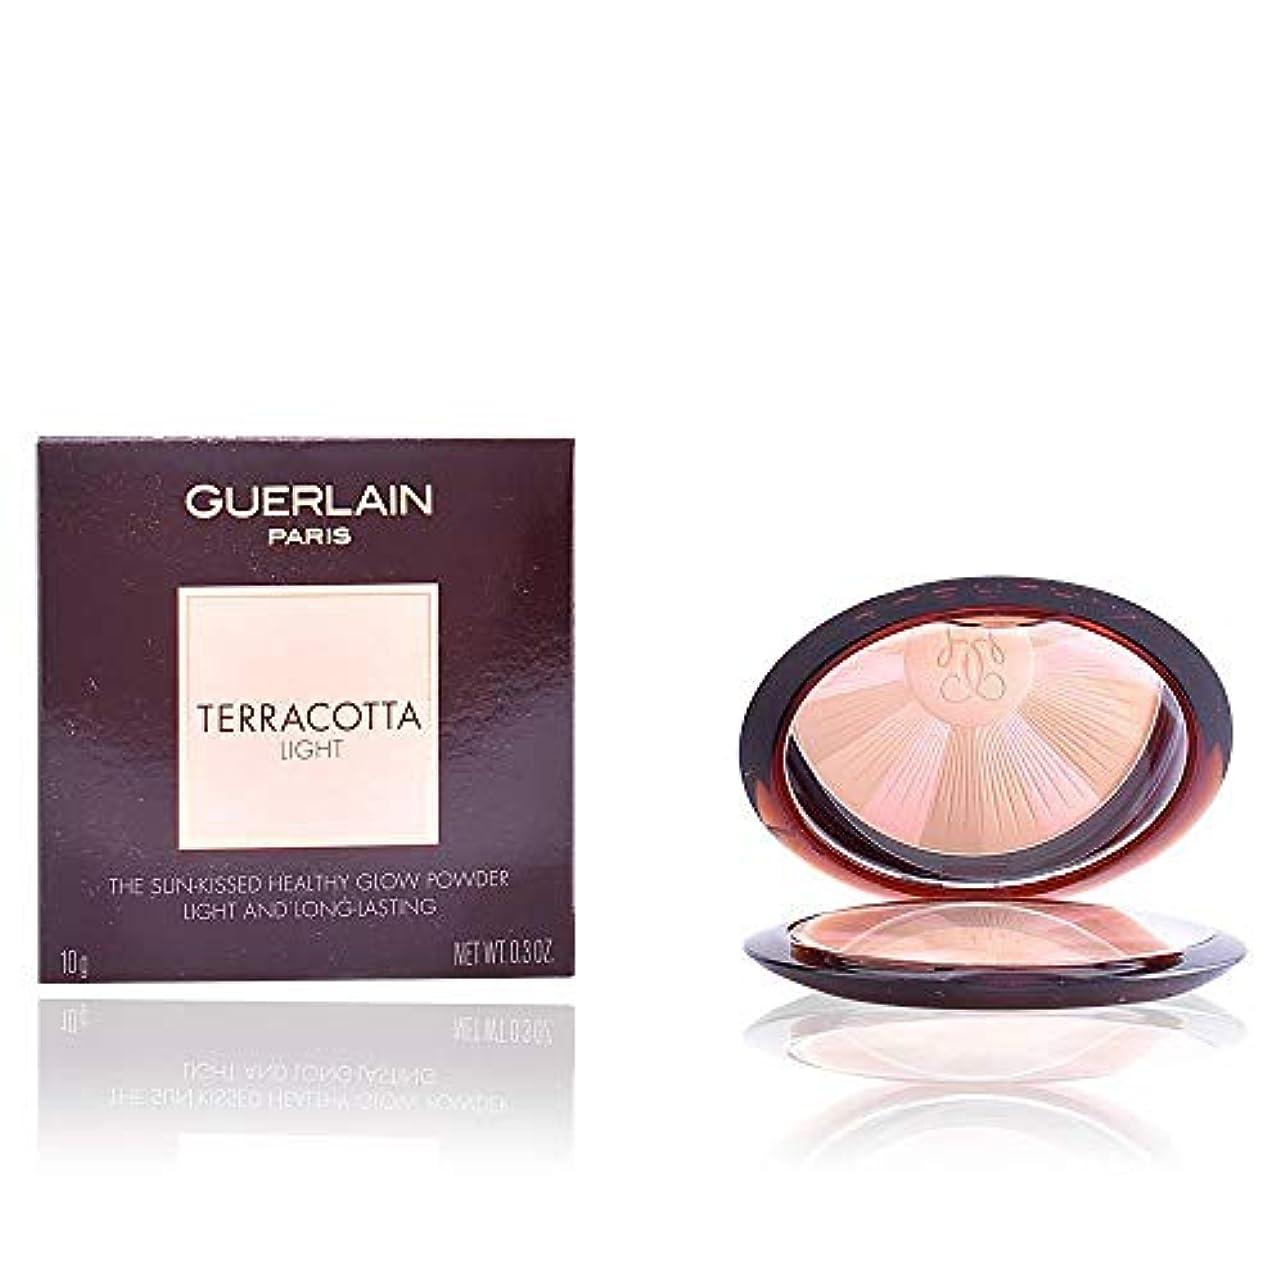 獲物ショッキングビリーヤギゲラン Terracotta Light The Sun Kissed Healthy Glow Powder - # 00 Light Cool 10g/0.3oz並行輸入品